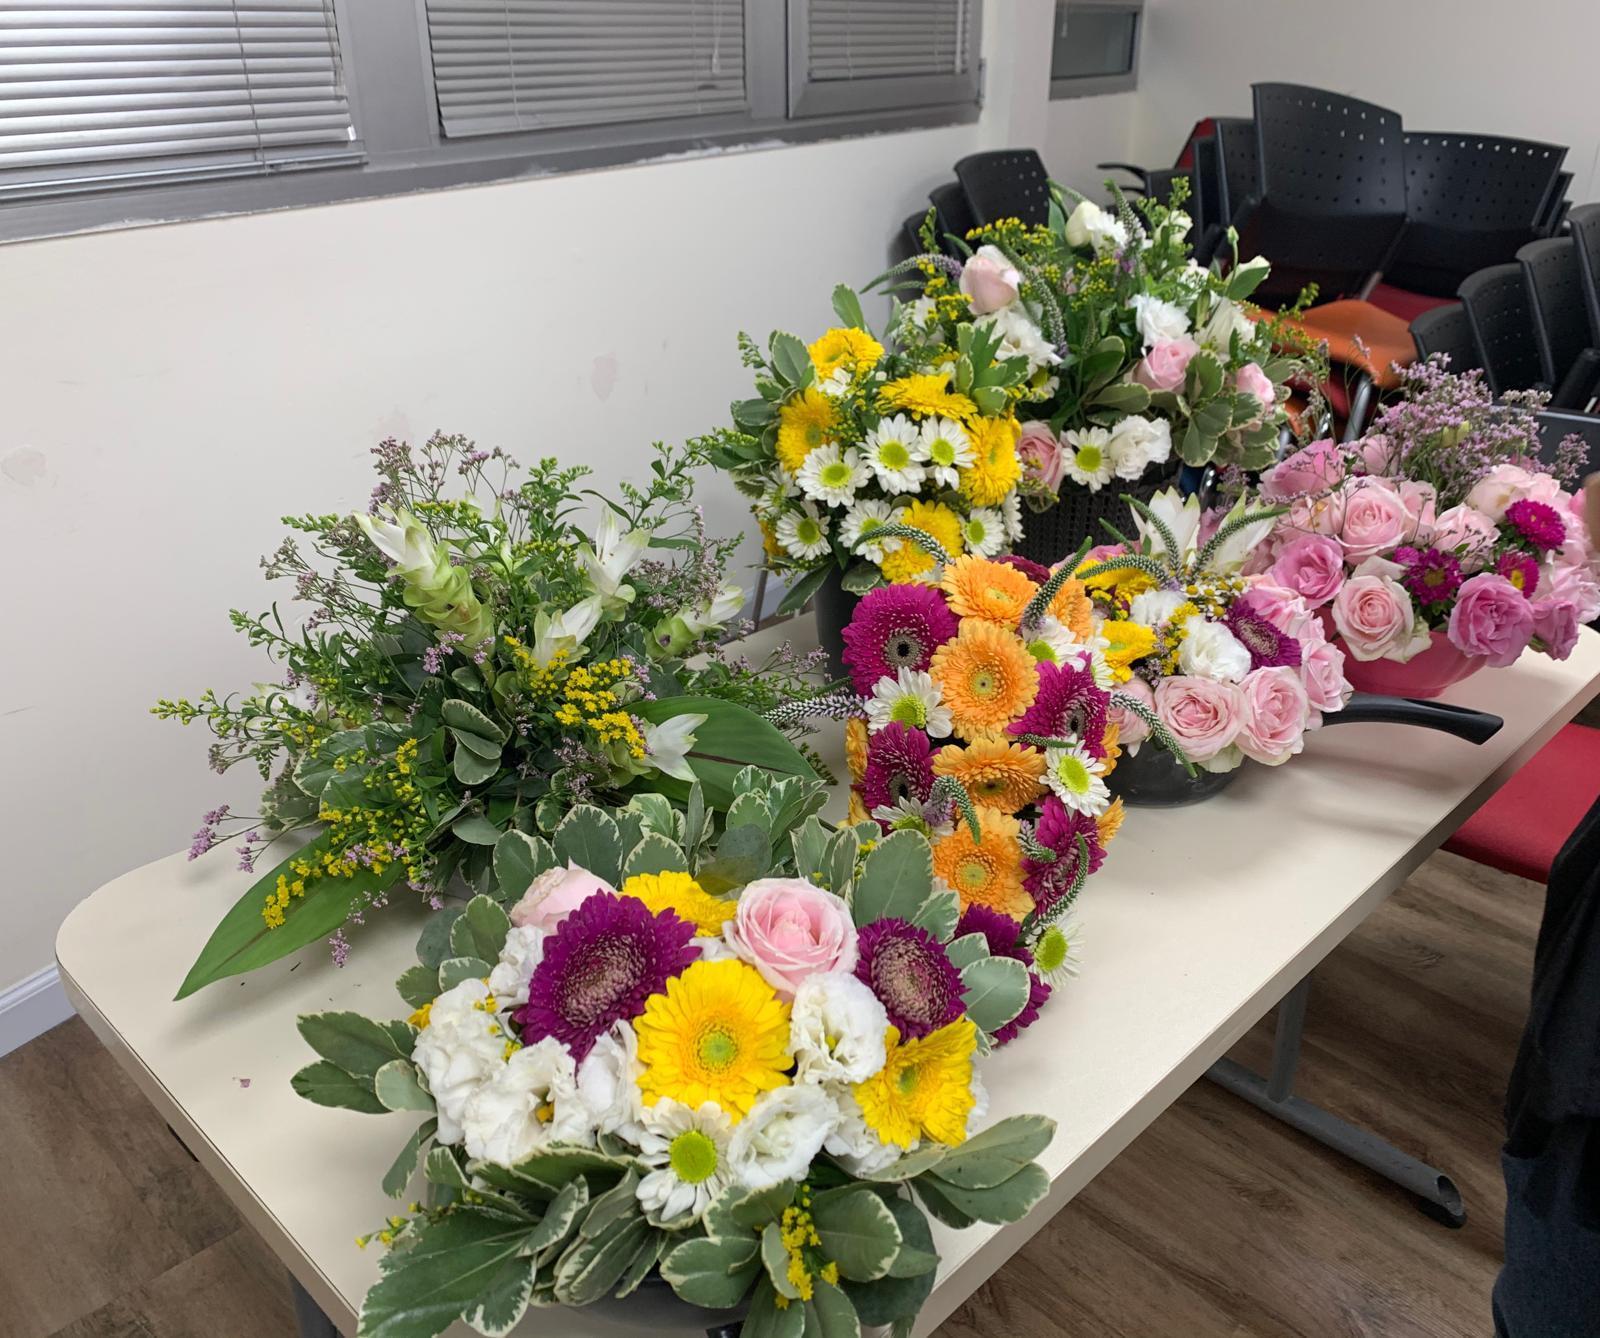 גלרייה - שיעור שזירת פרחים - קורס הפקת אירועים מחזור 24, 30 מתוך 35